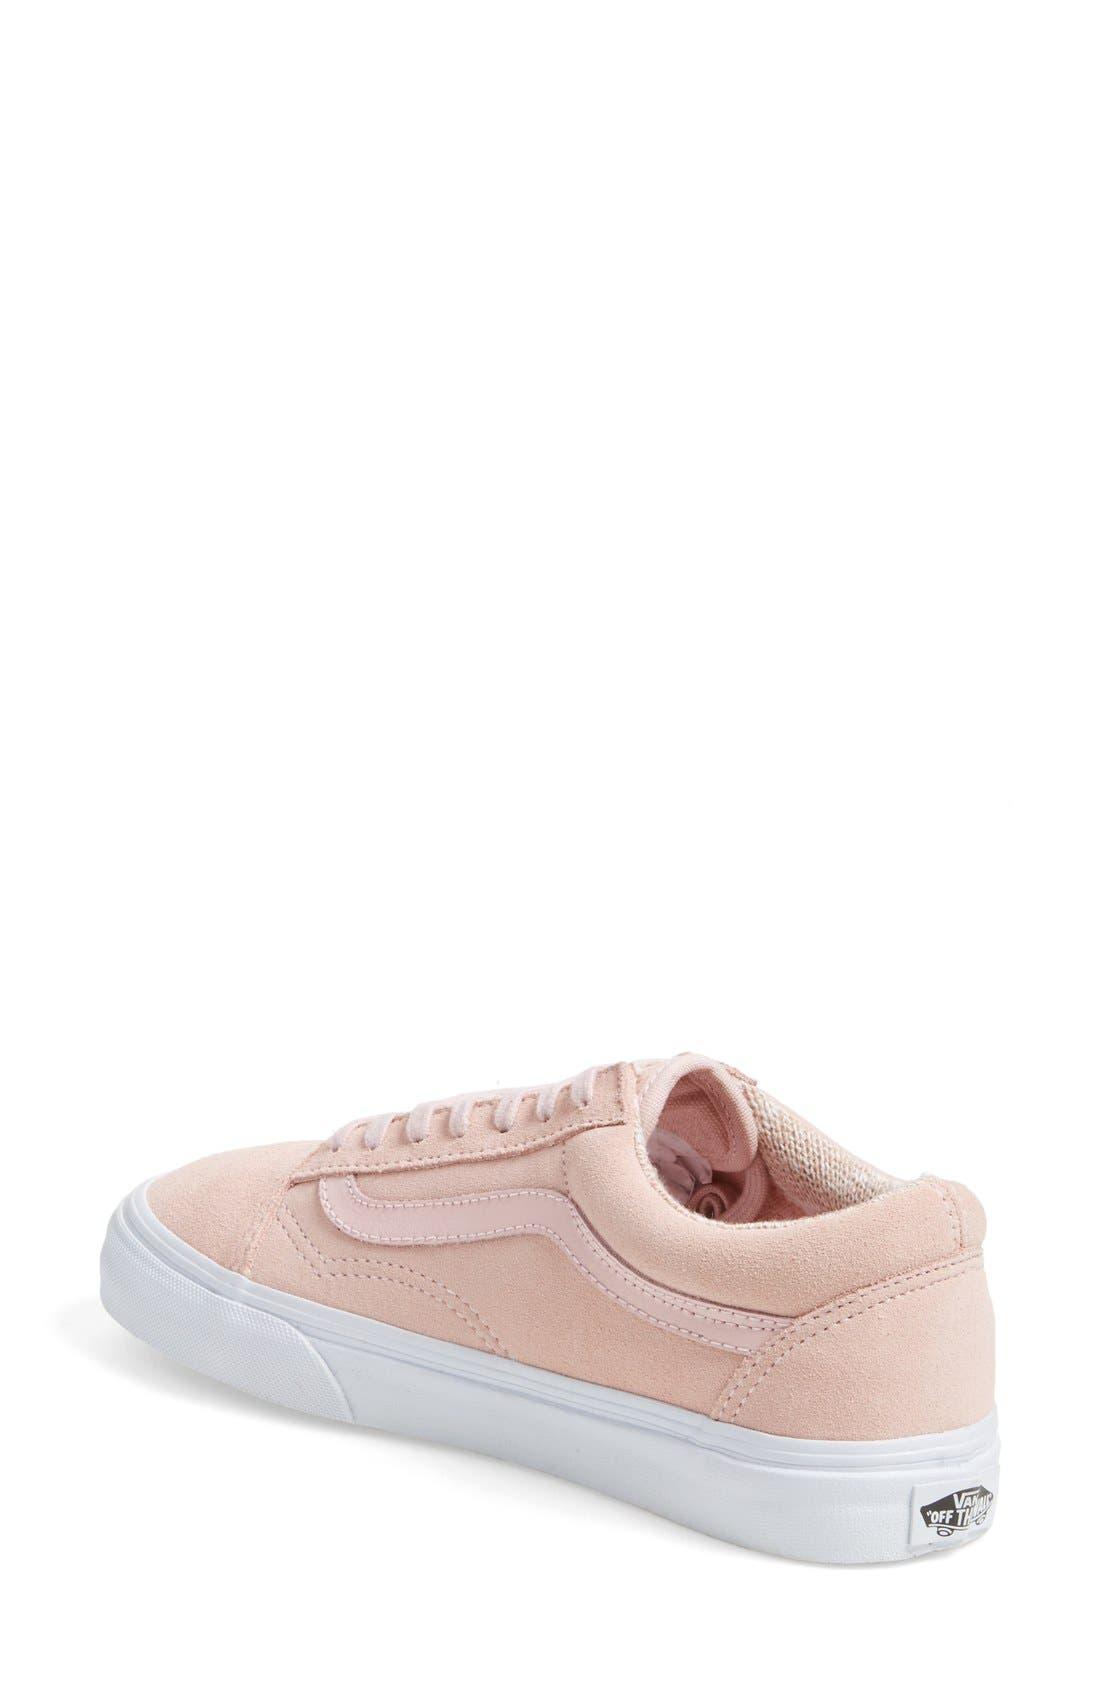 Alternate Image 3  - Vans 'Old Skool' Sneaker (Unisex)